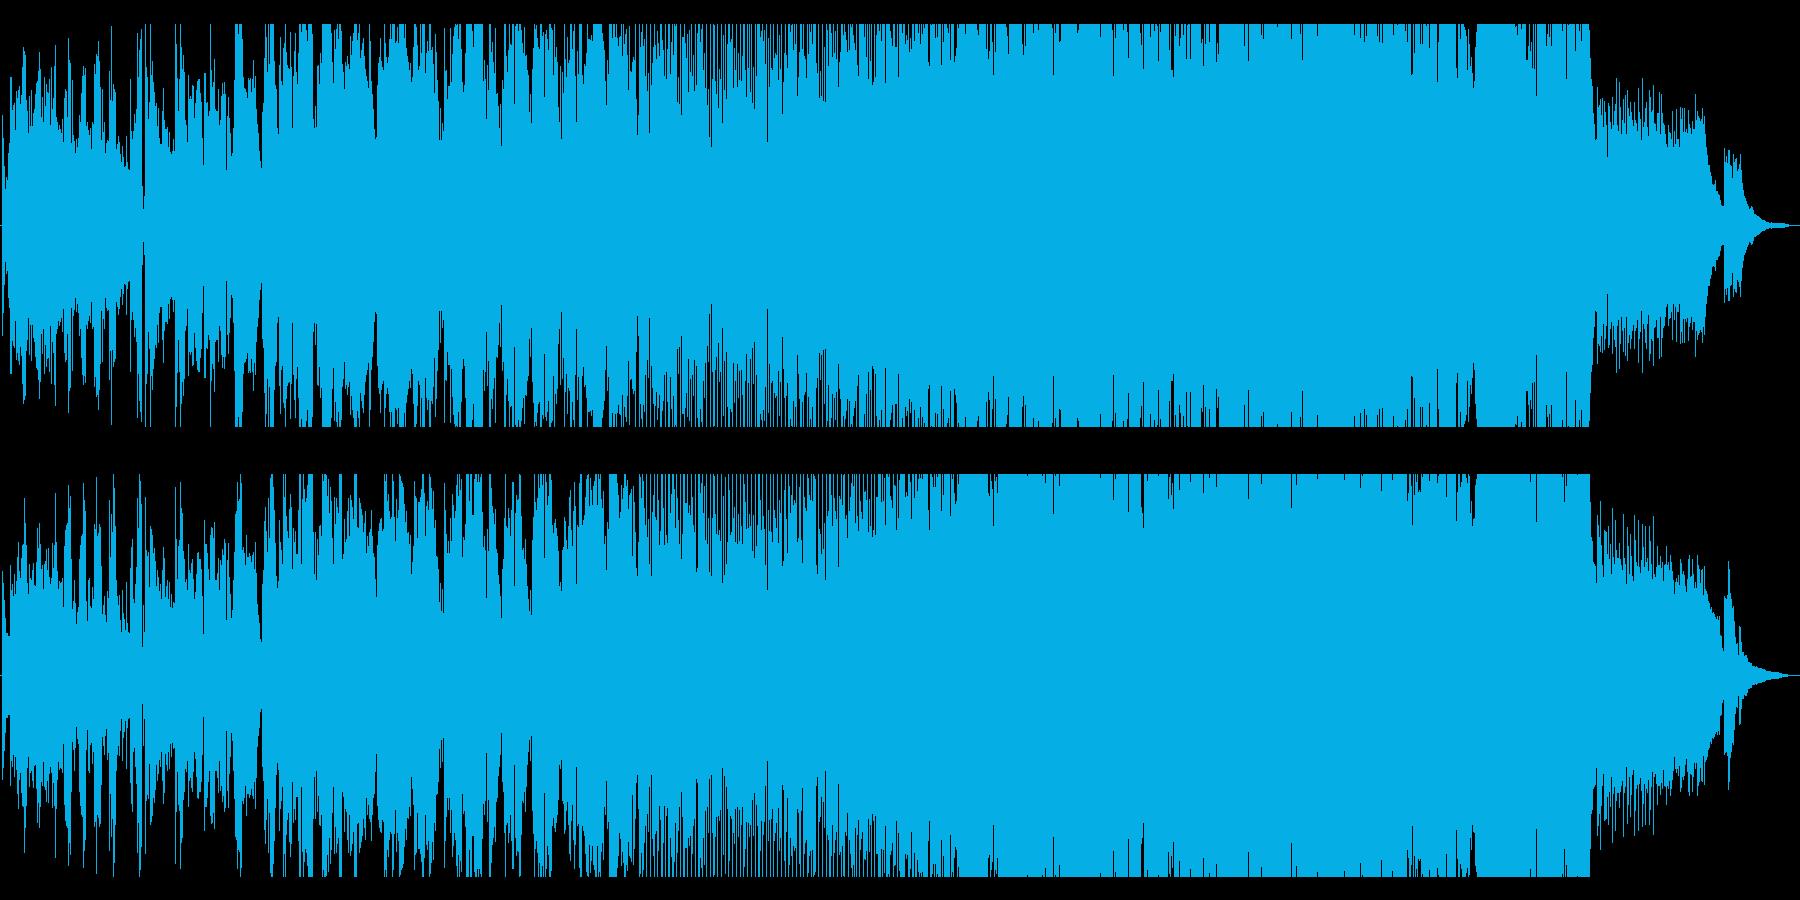 幻想的で幻惑的なスペースポップの再生済みの波形